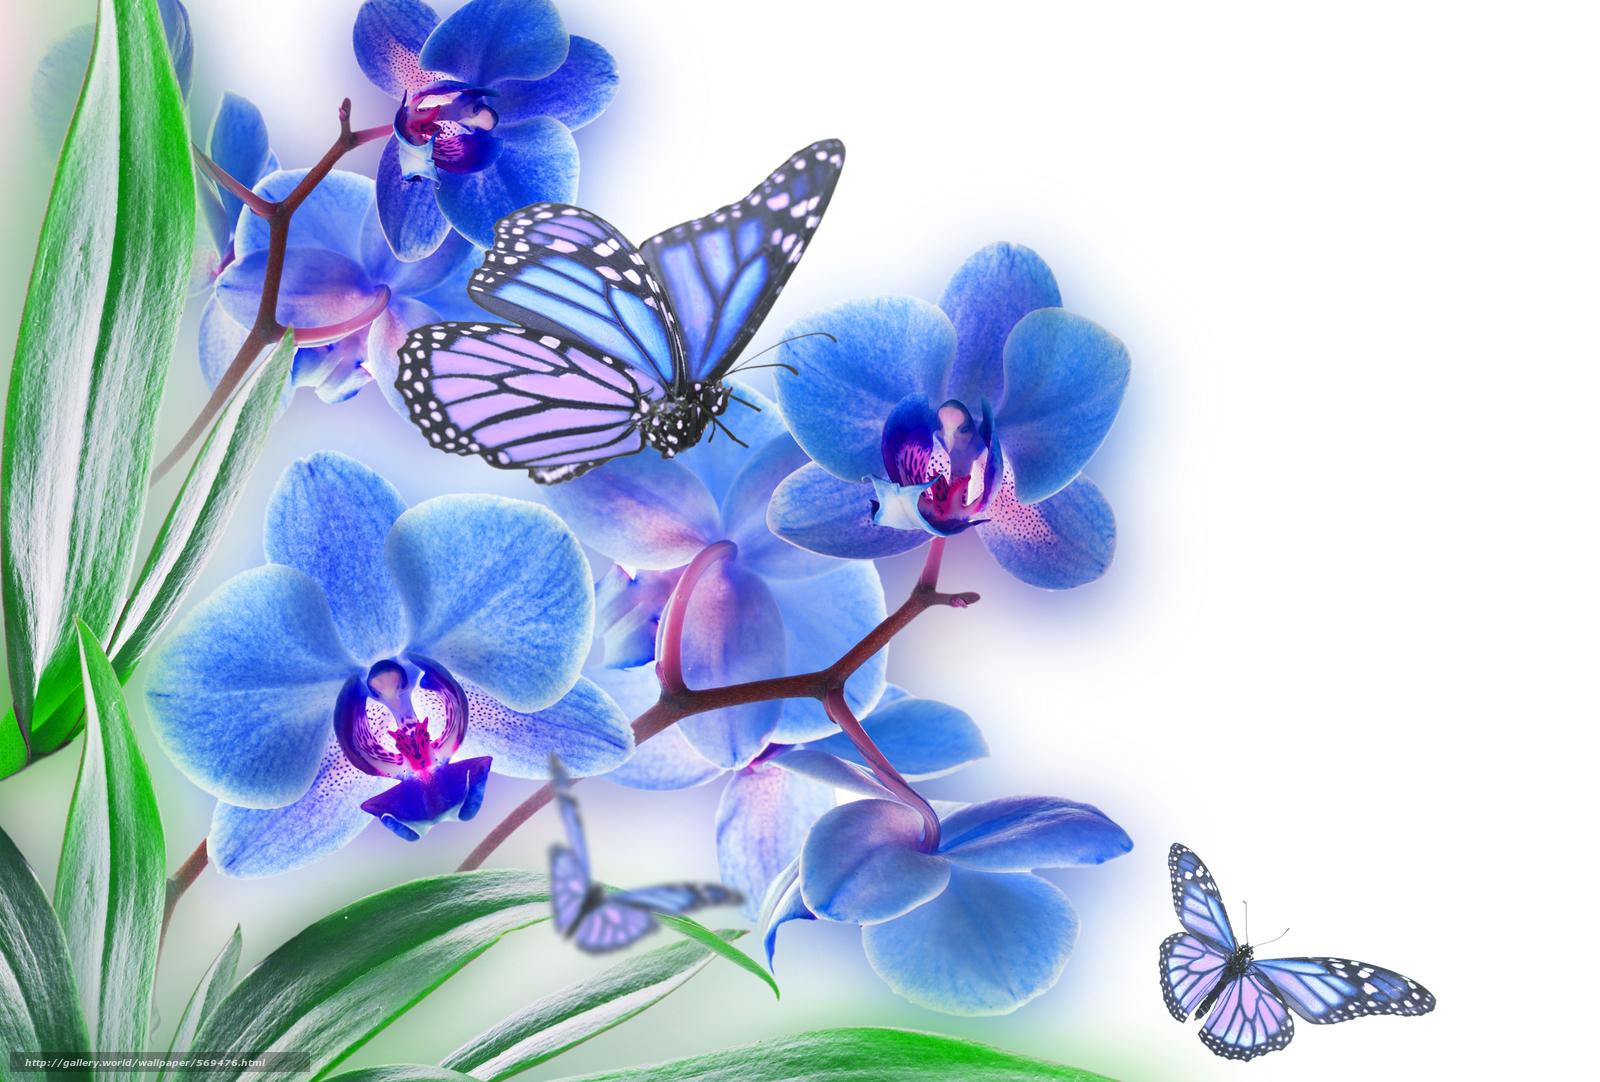 Скачать обои лист,  цветок,  природа,  орхидея бесплатно для рабочего стола в разрешении 2500x1690 — картинка №569476